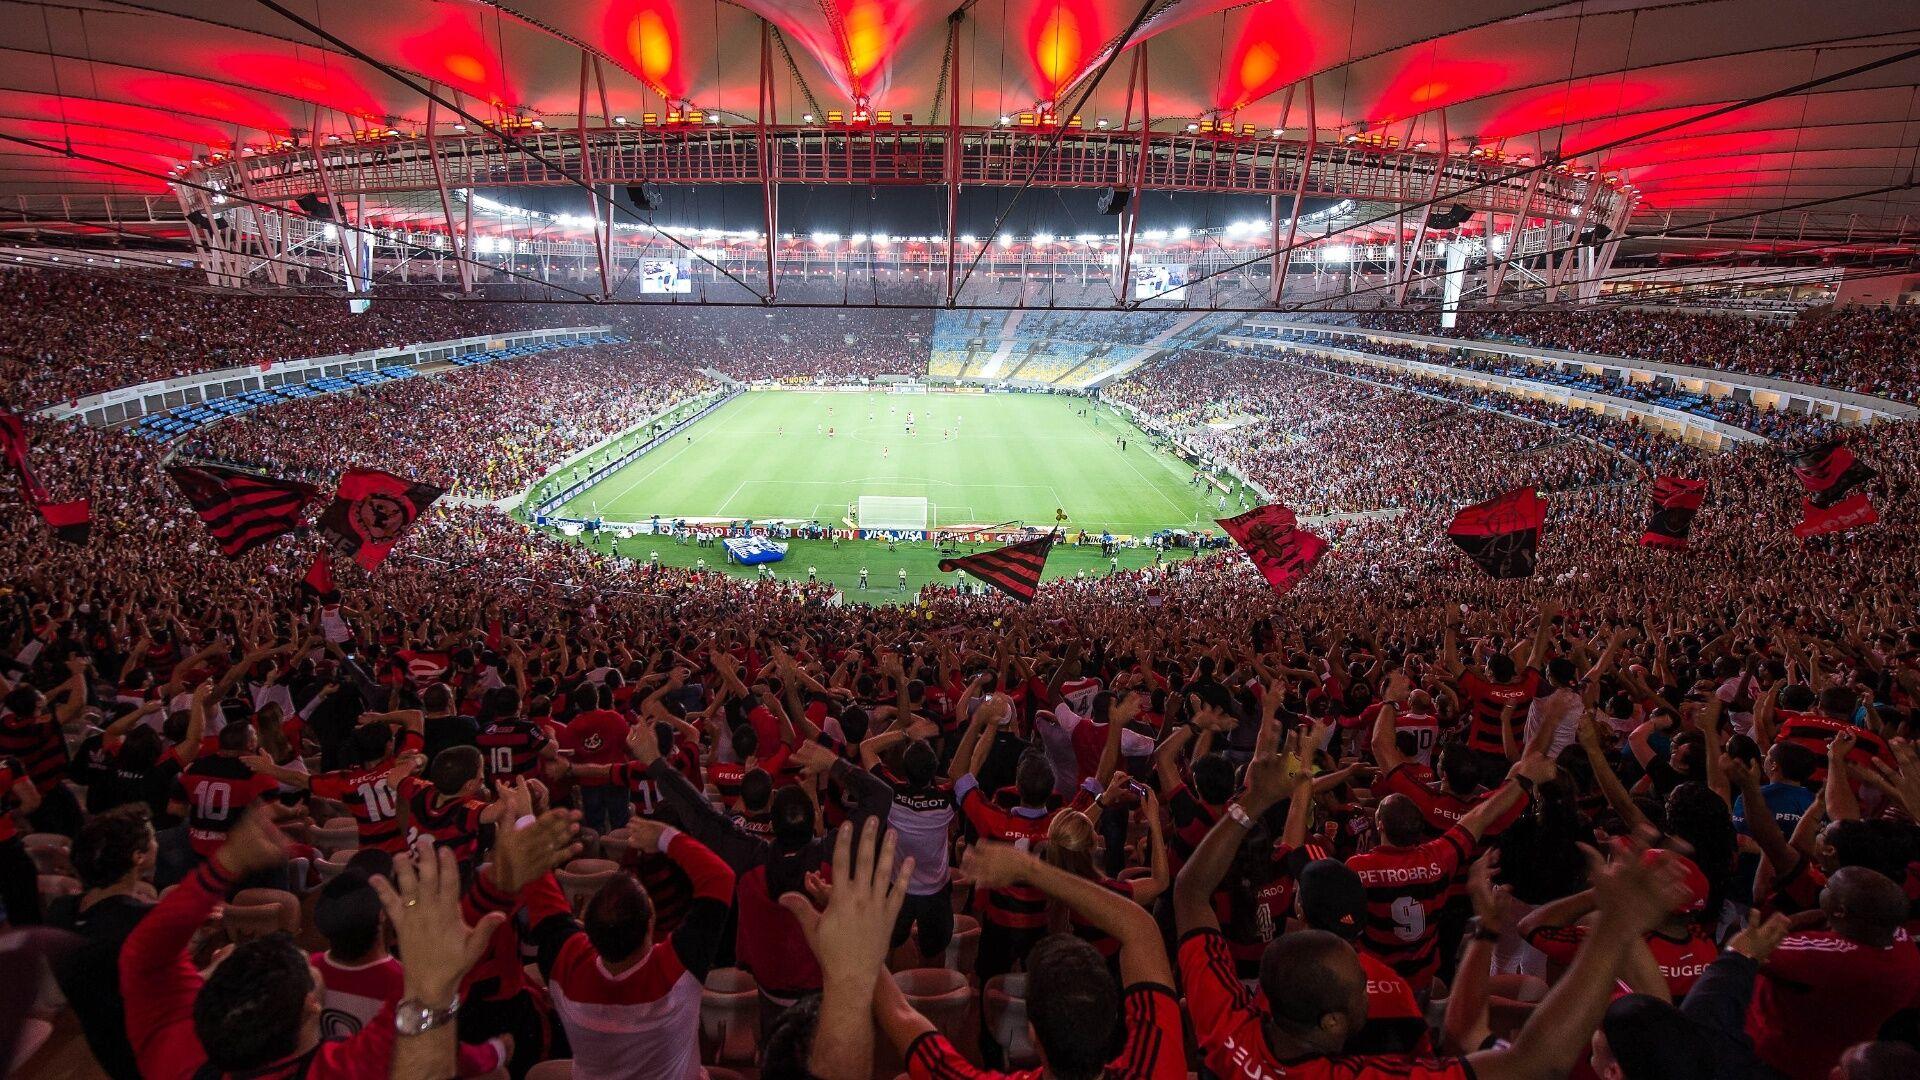 As 10 maiores torcidas do mundo segundo a FIFA